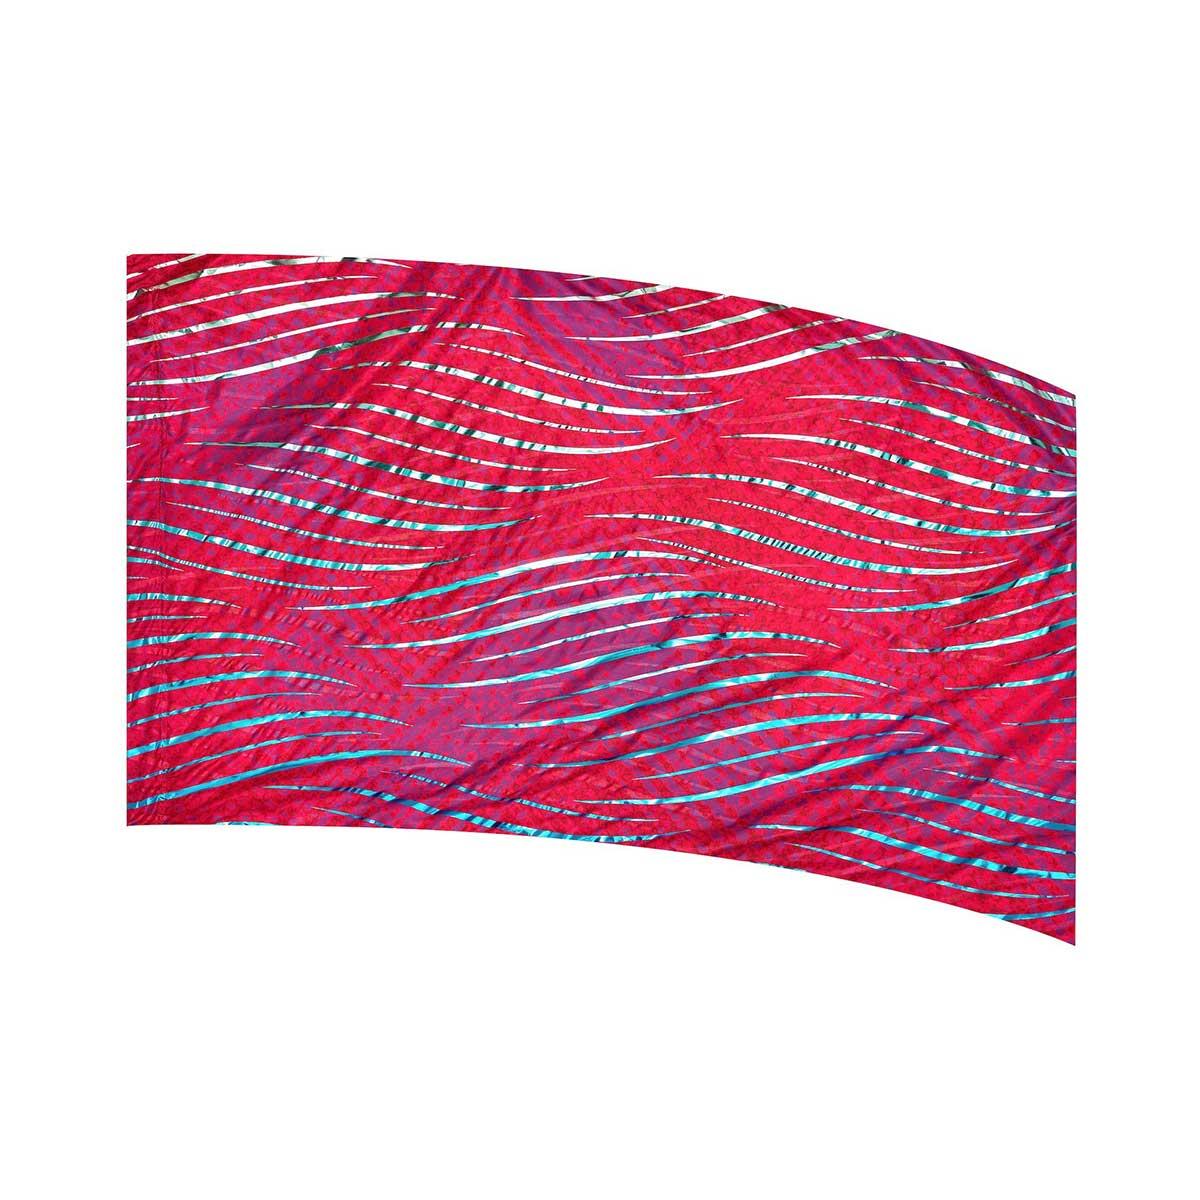 In-Stock Genesis Flags: 3019